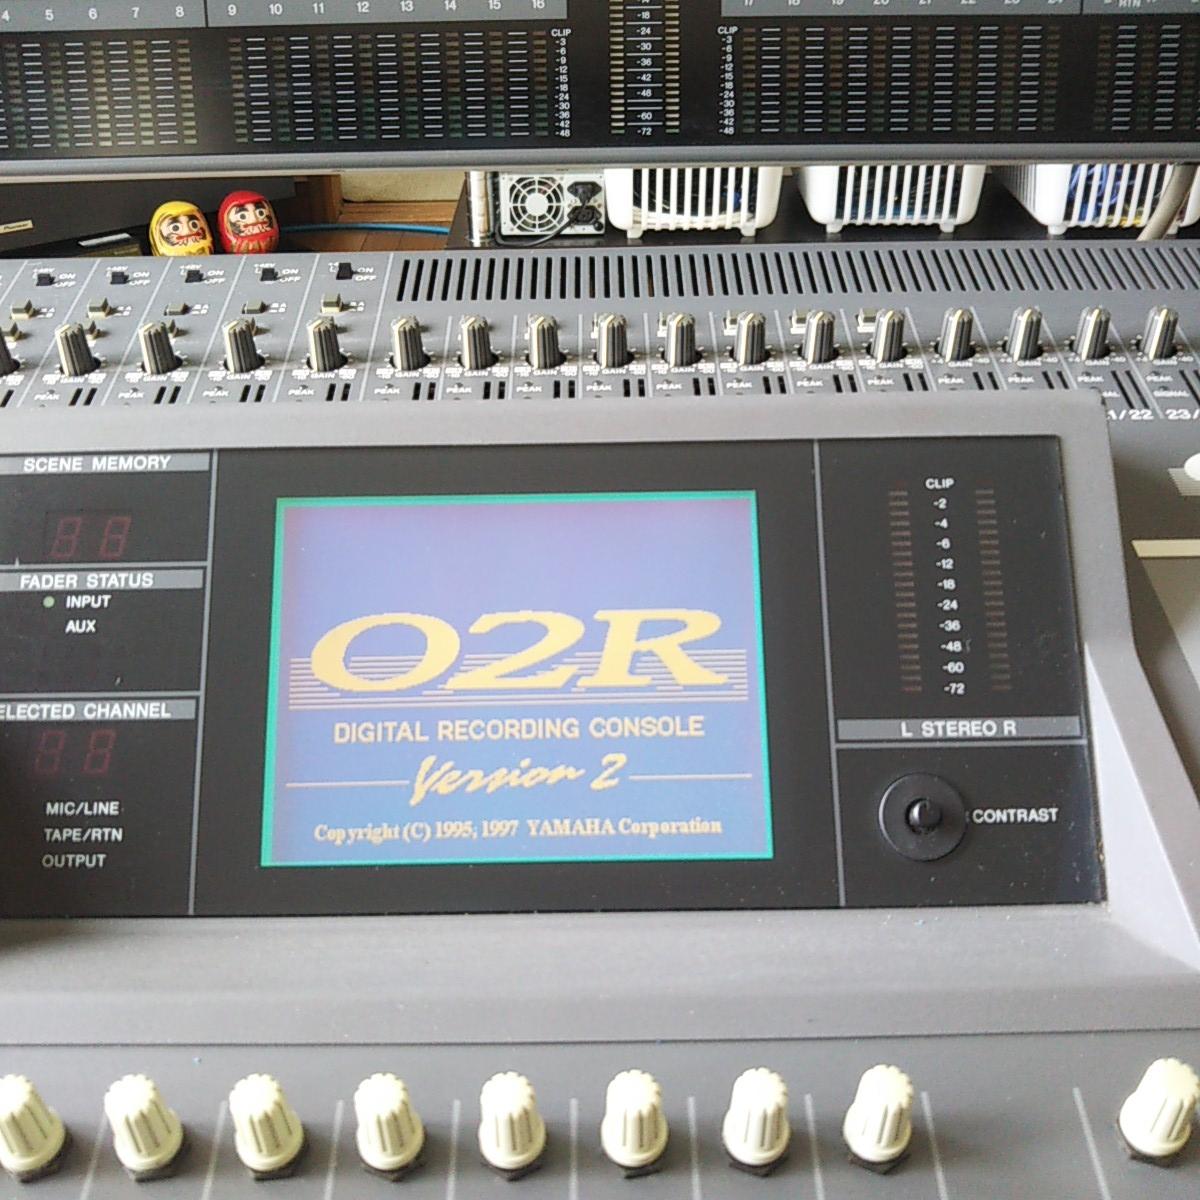 ★YAMAHA O2R version2/専用ハードケースあり/メーターブリッジ+オプション(CD8-TD+CD8-AE-S)合計3枚装備★1ヶ月間動作保障品_画像7